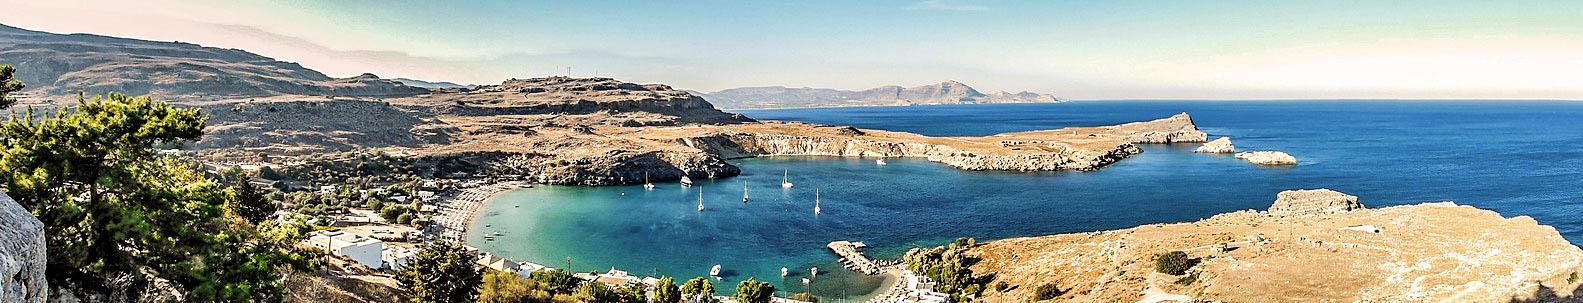 Die Bucht von Lindos auf Rhodos